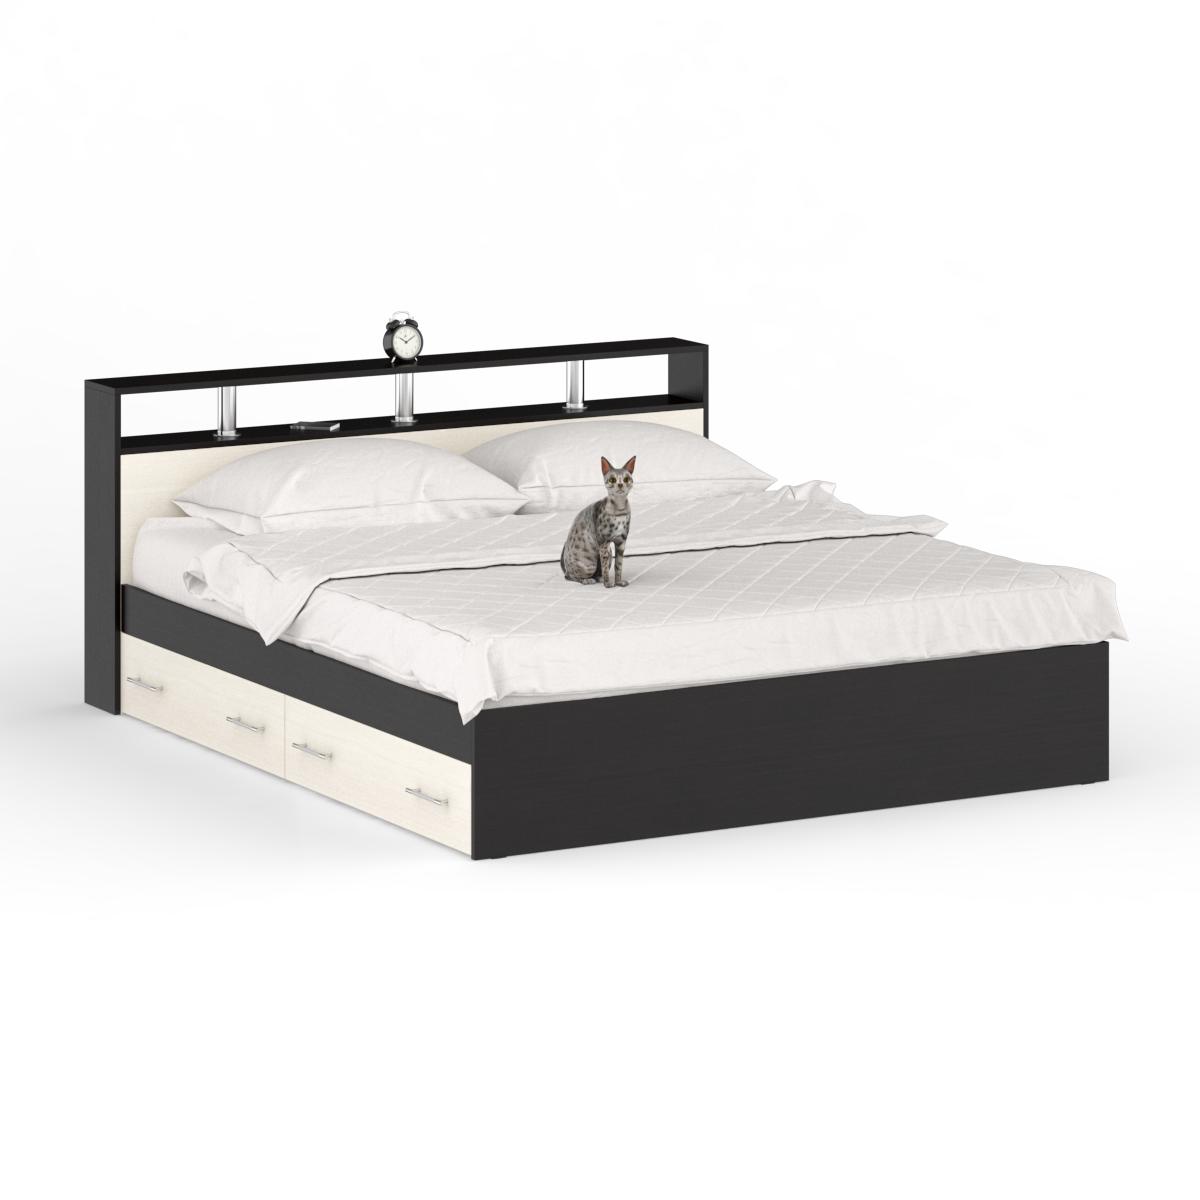 Кровать с ящиками Камелия 1600+Осн венге/дуб лоредо,